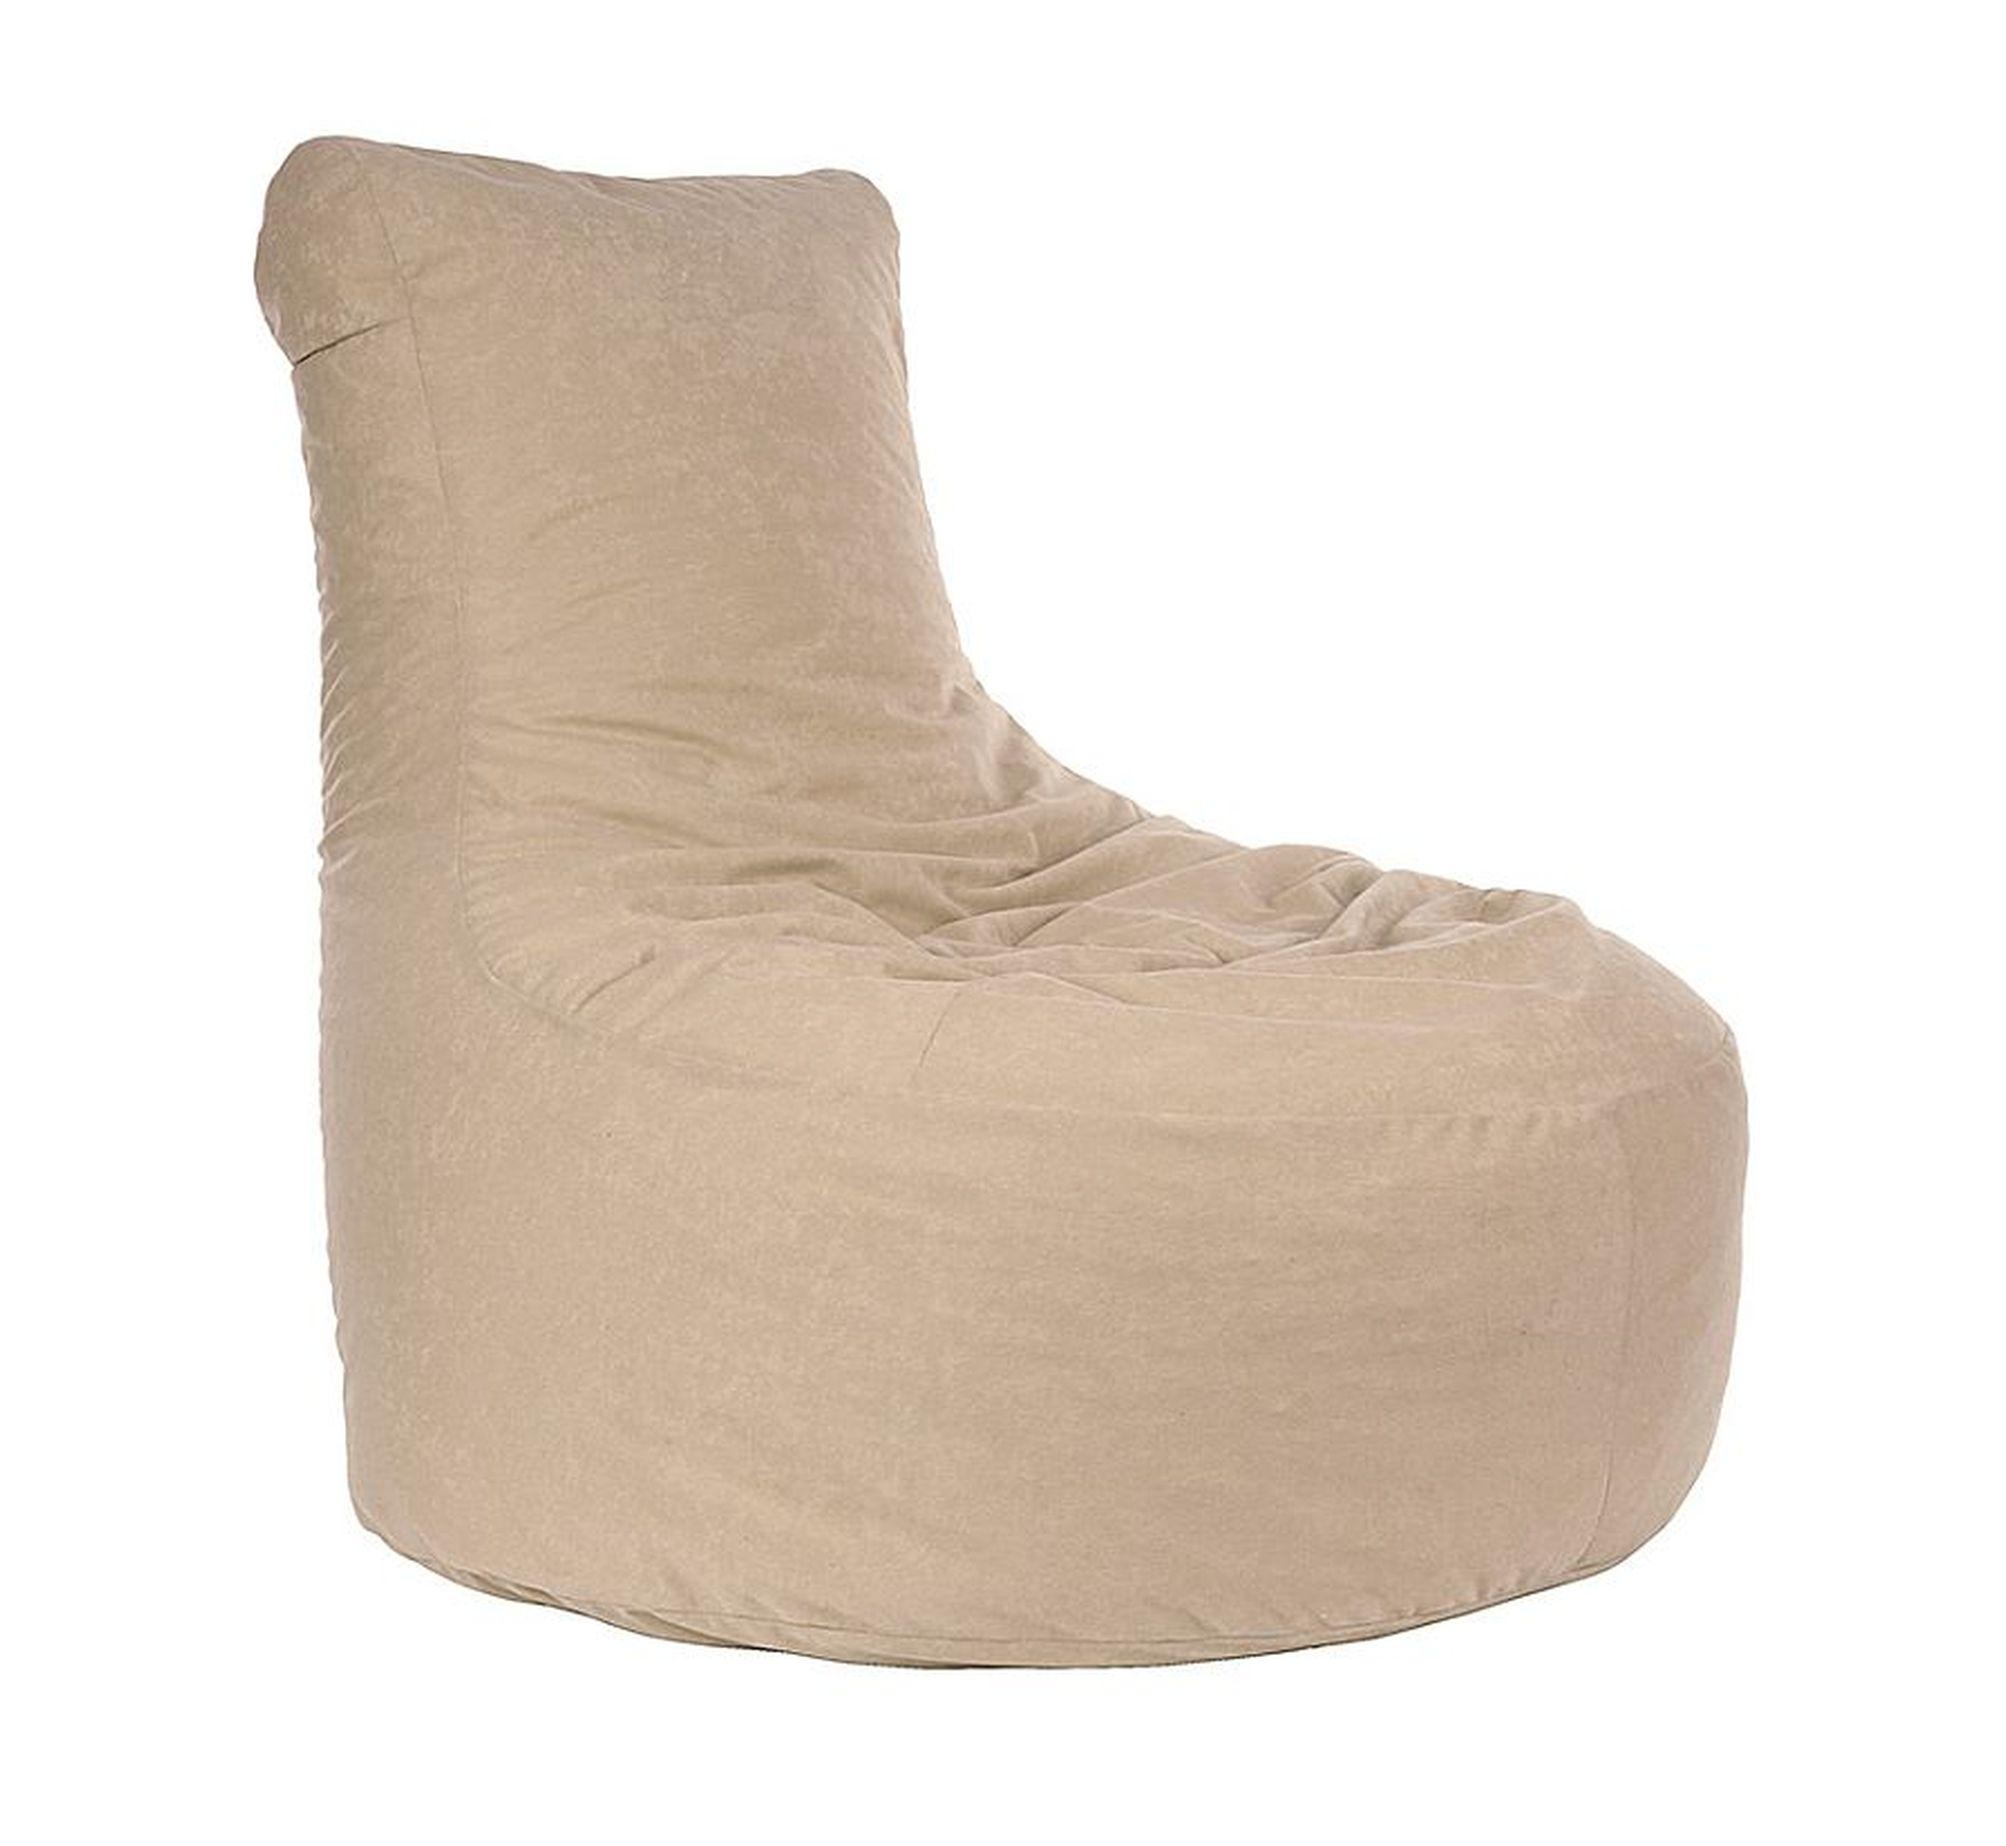 Hogga Sitzsack 509913 beige